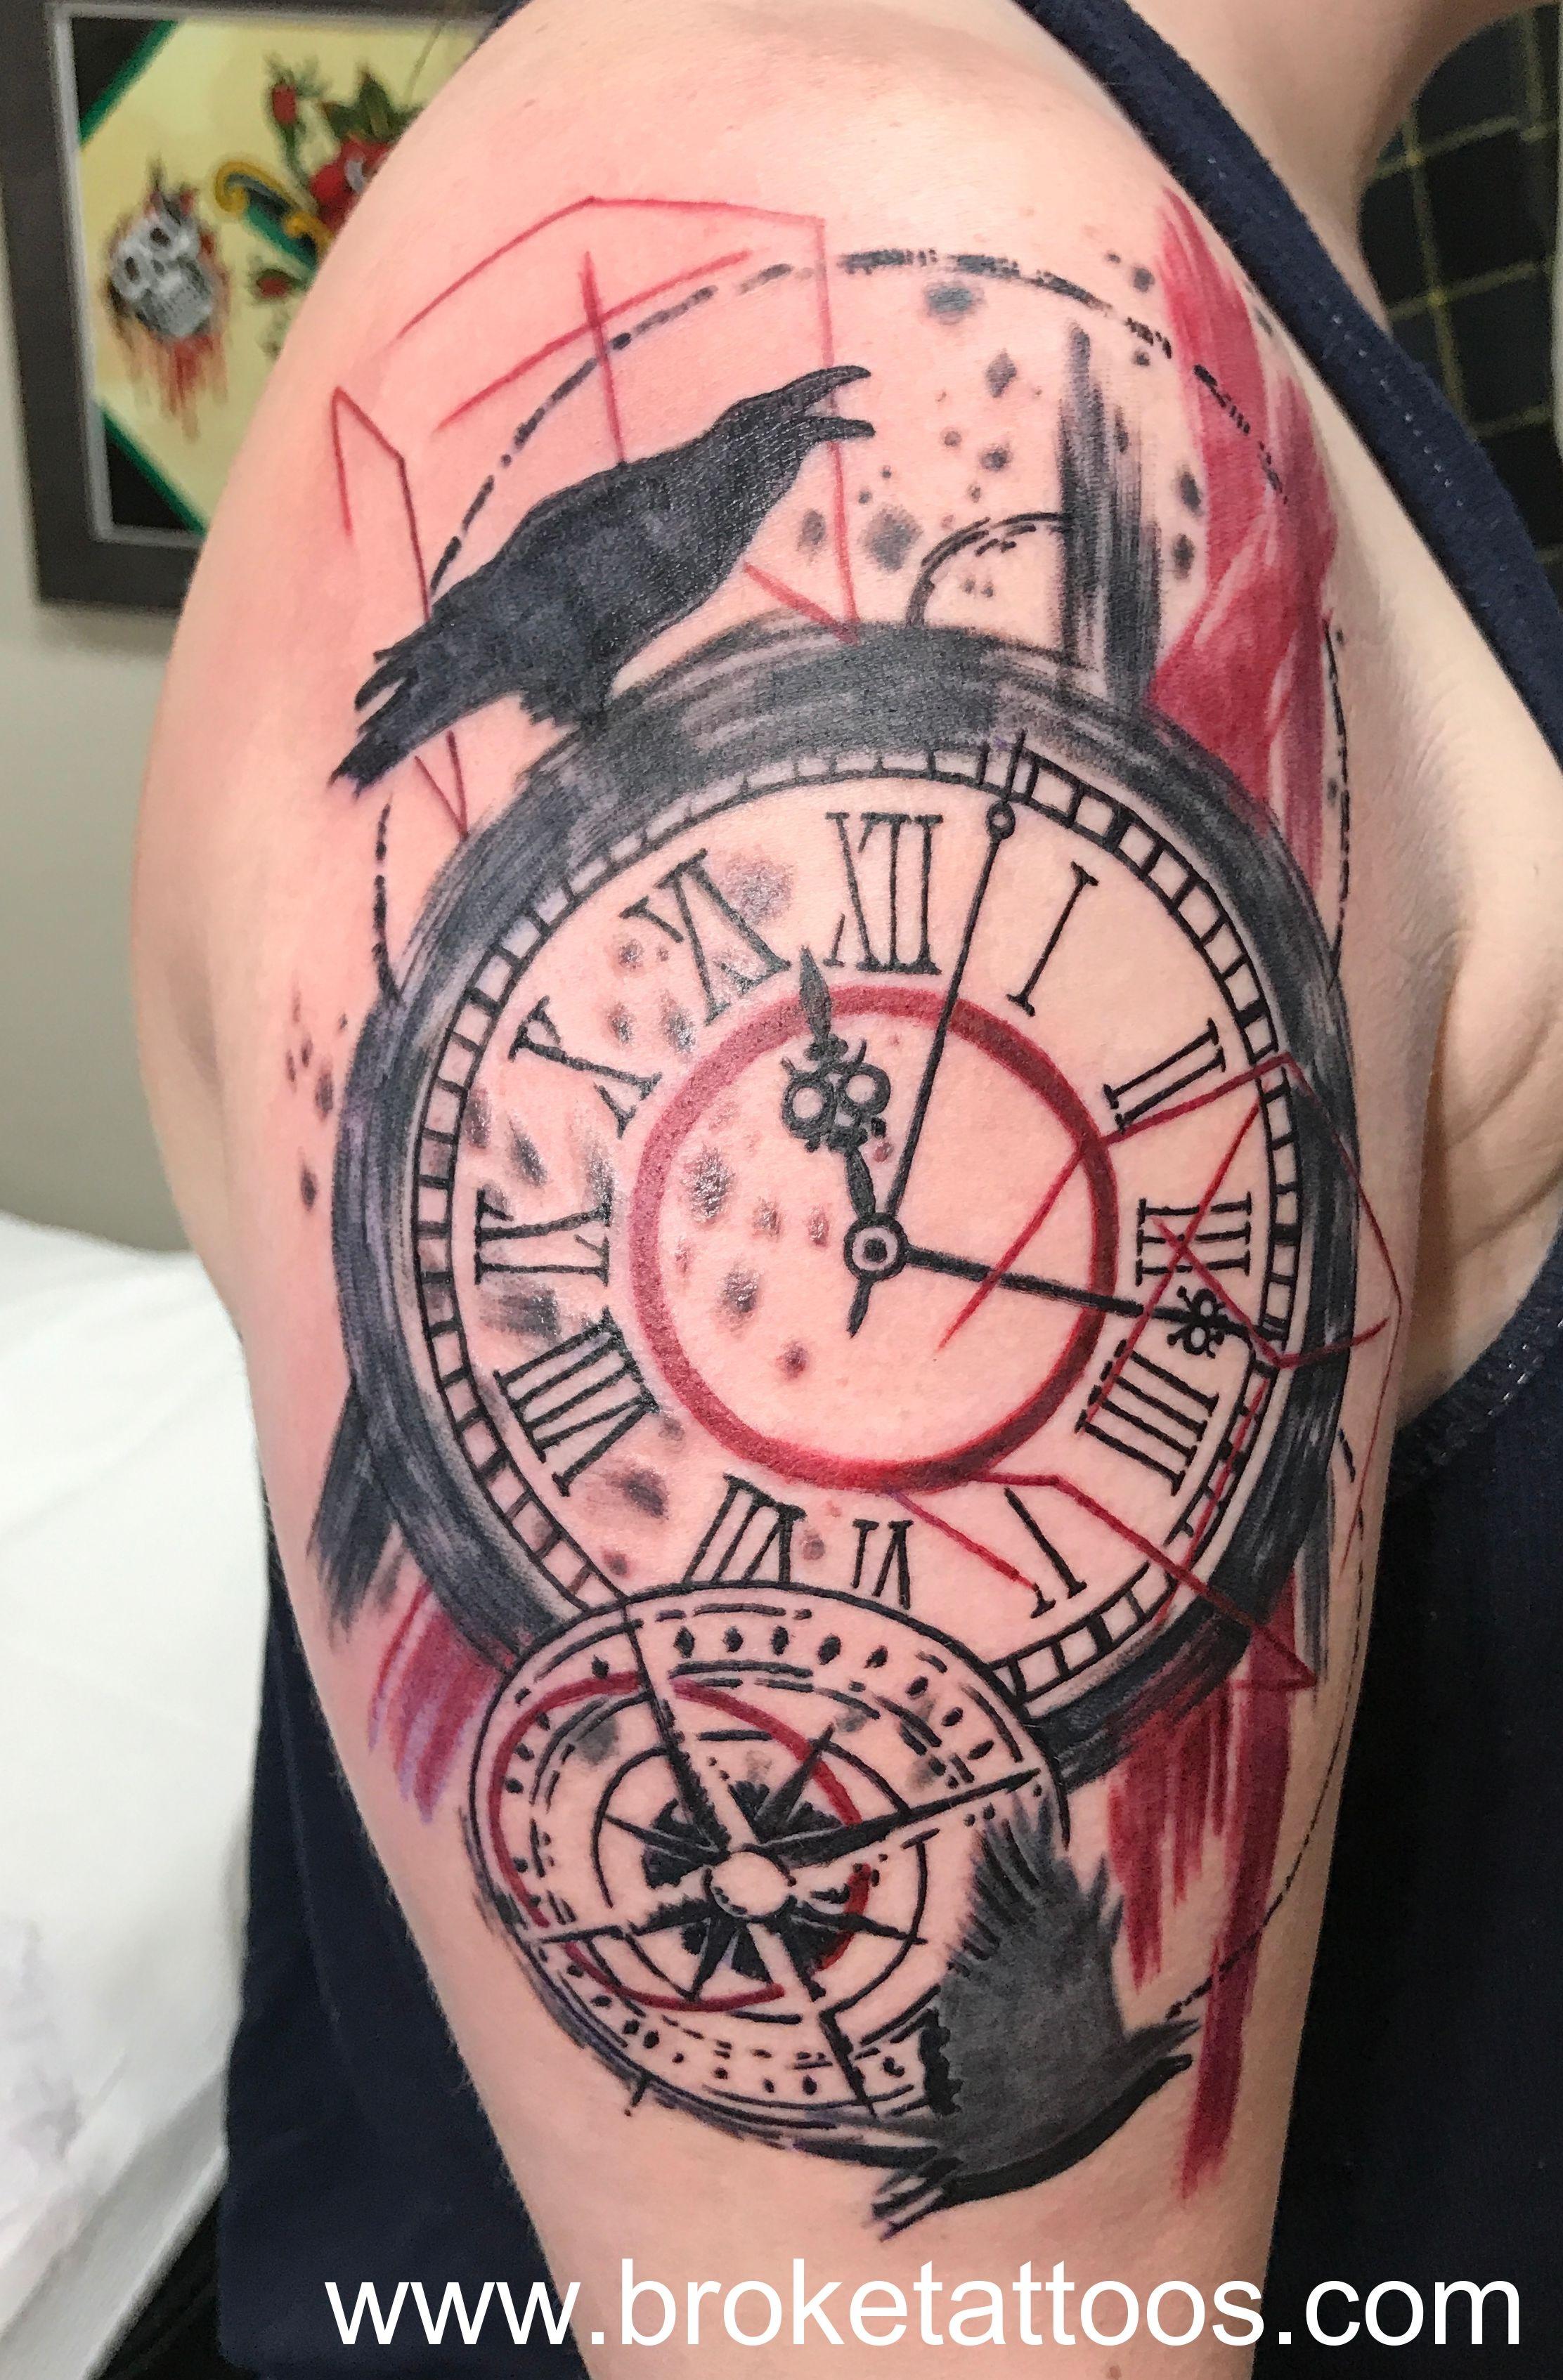 broketattoos viciousinksh ink tattoos michigantattooer trashpolka inked tattooedwomen tattooartist